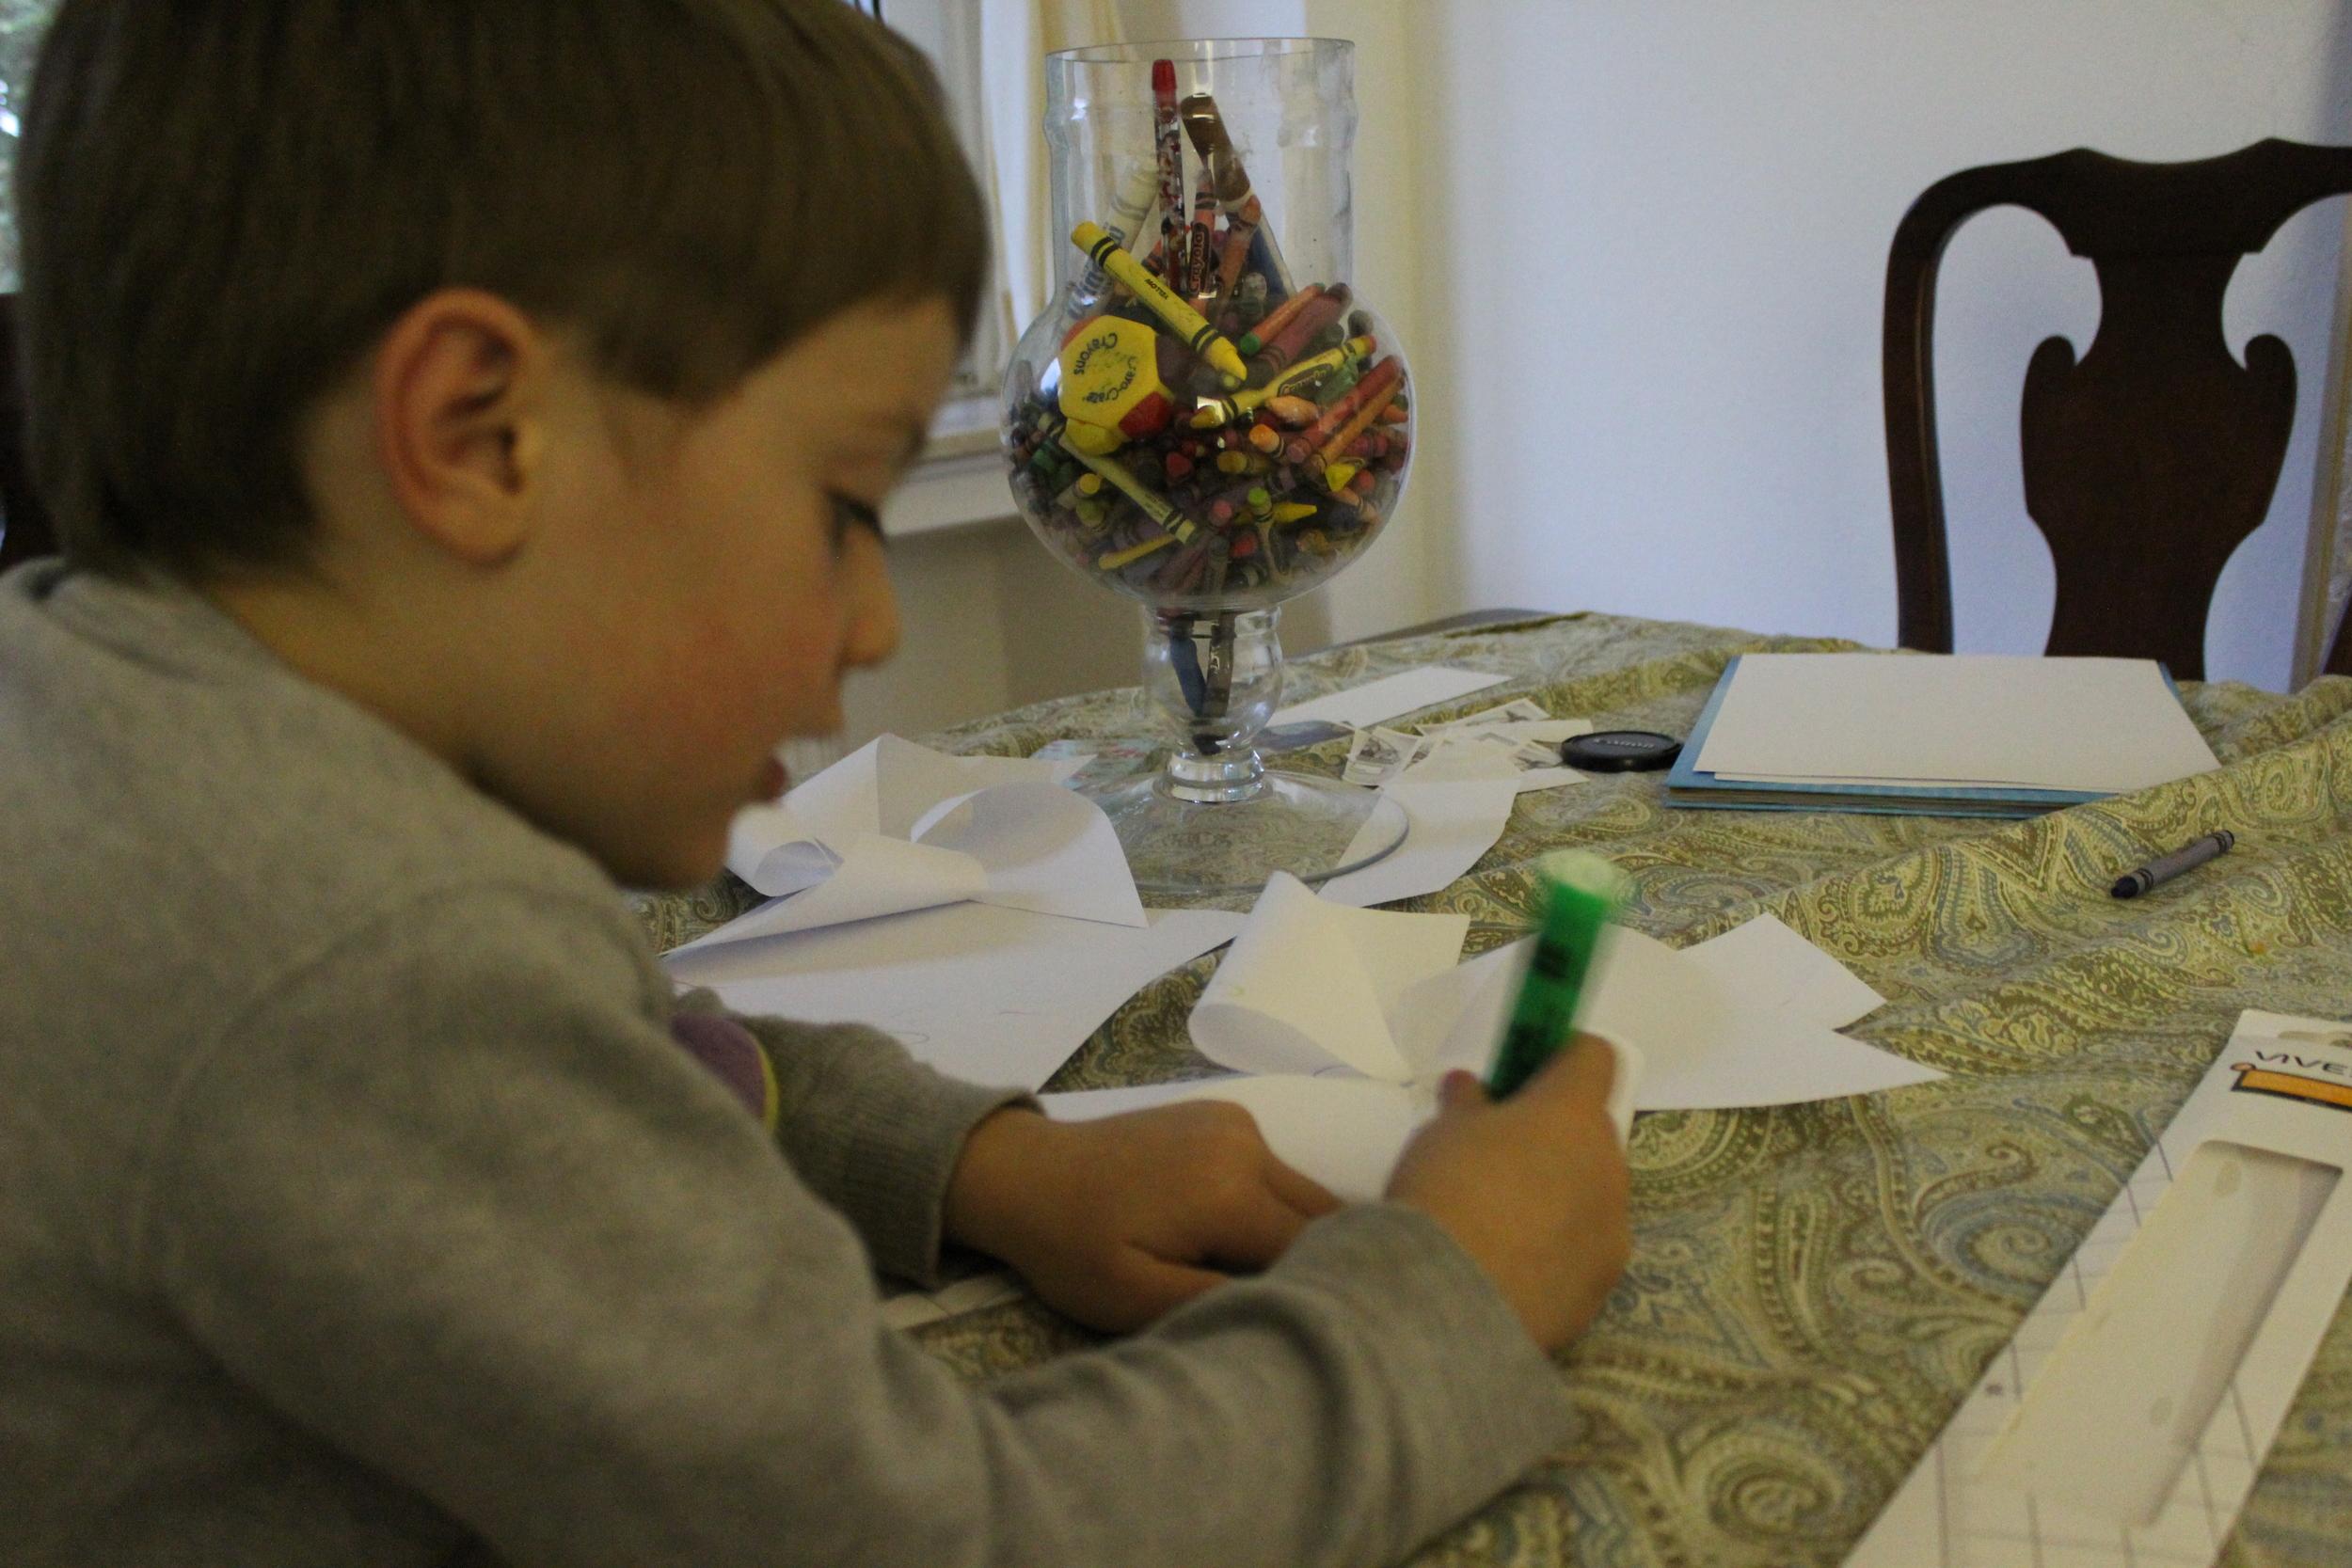 Decorating his pinwheel.